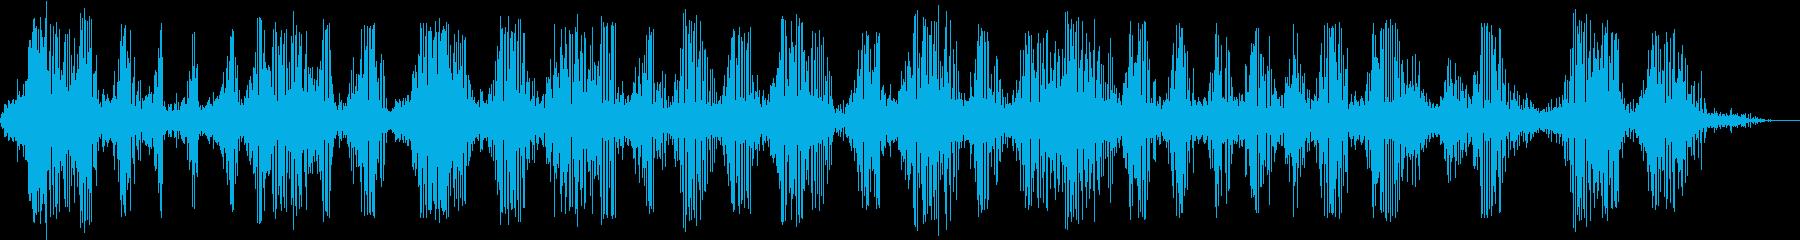 何か不気味な音がなる地下牢/ロープ/恐怖の再生済みの波形